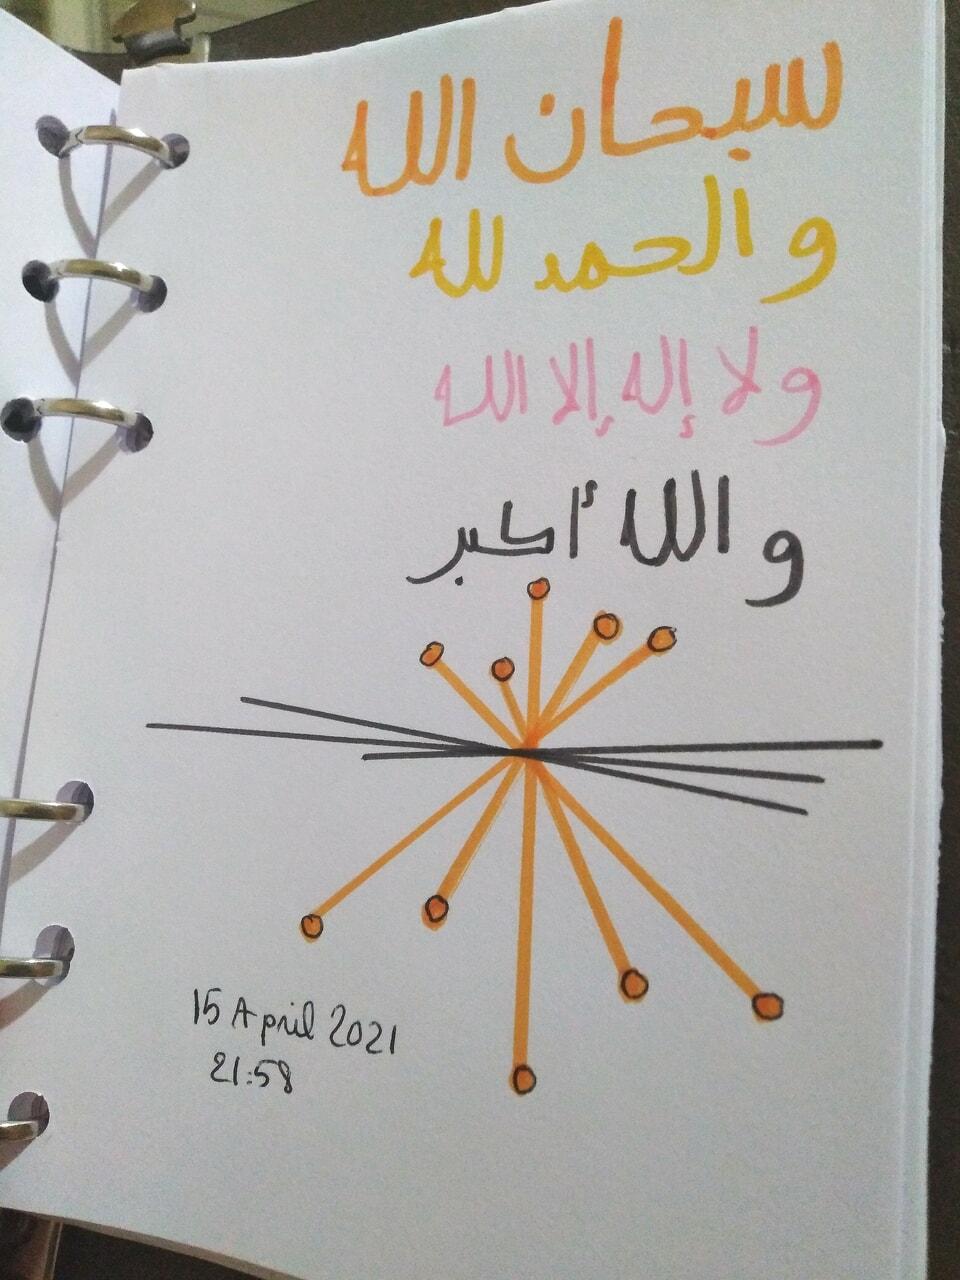 allah, dikr, and islam image